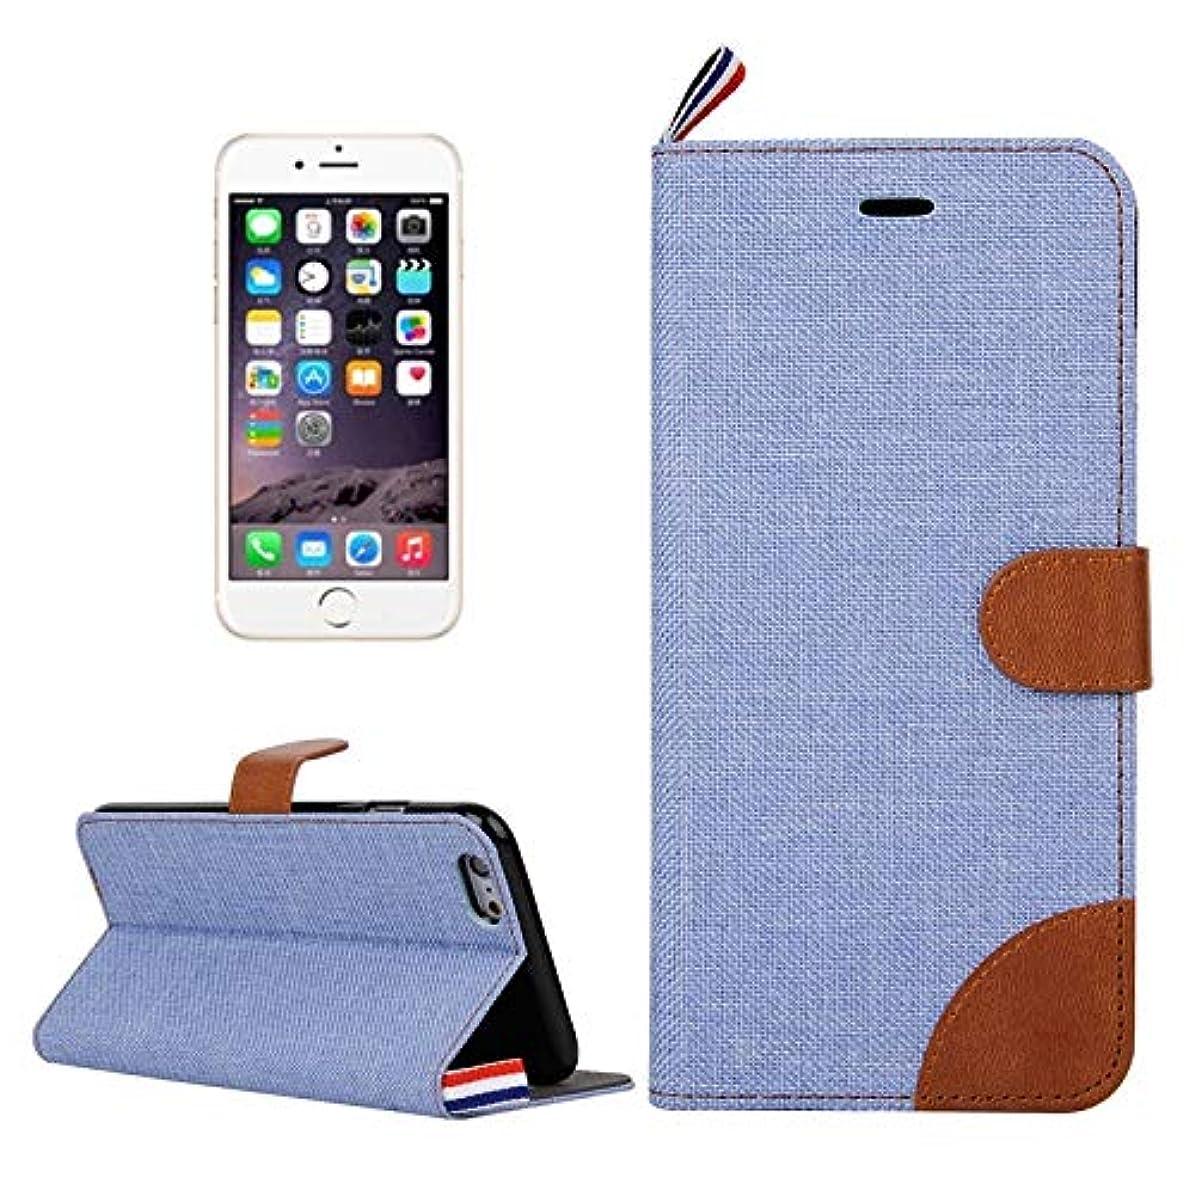 水族館レザーブラストYan iPhone 6 Plus&6s Plus用デニムのテクスチャカードスロット&ホルダー&ストラップ付き水平フリップレザーケース (Color : Baby Blue)